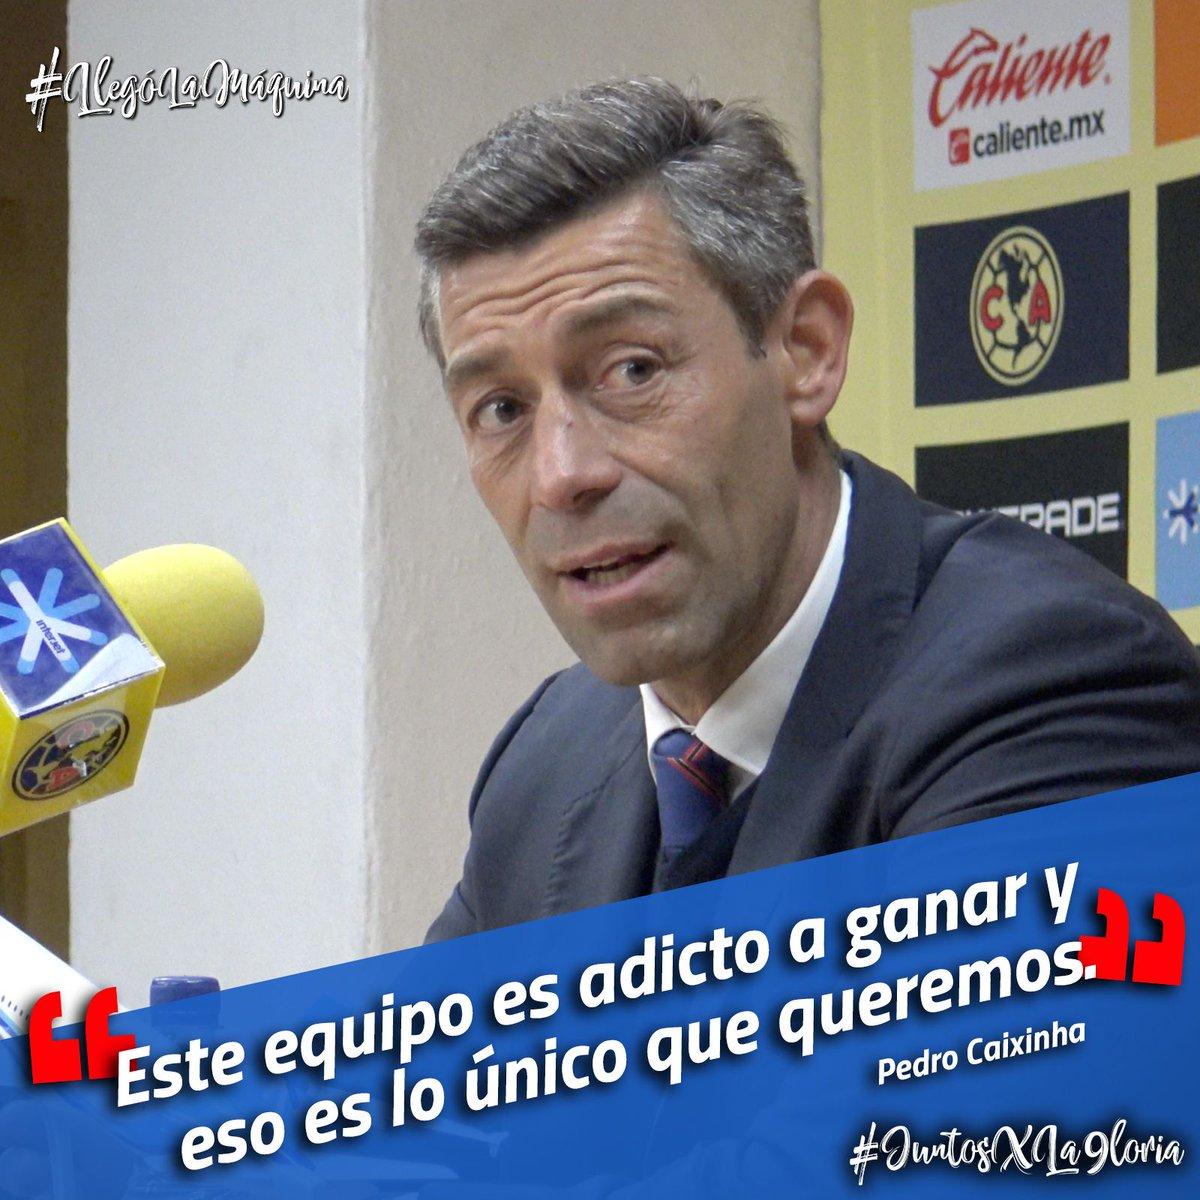 'Este equipo es adicto a ganar y eso es lo único que queremos'.-Pedro Caixinha #JuntosXLa9loria